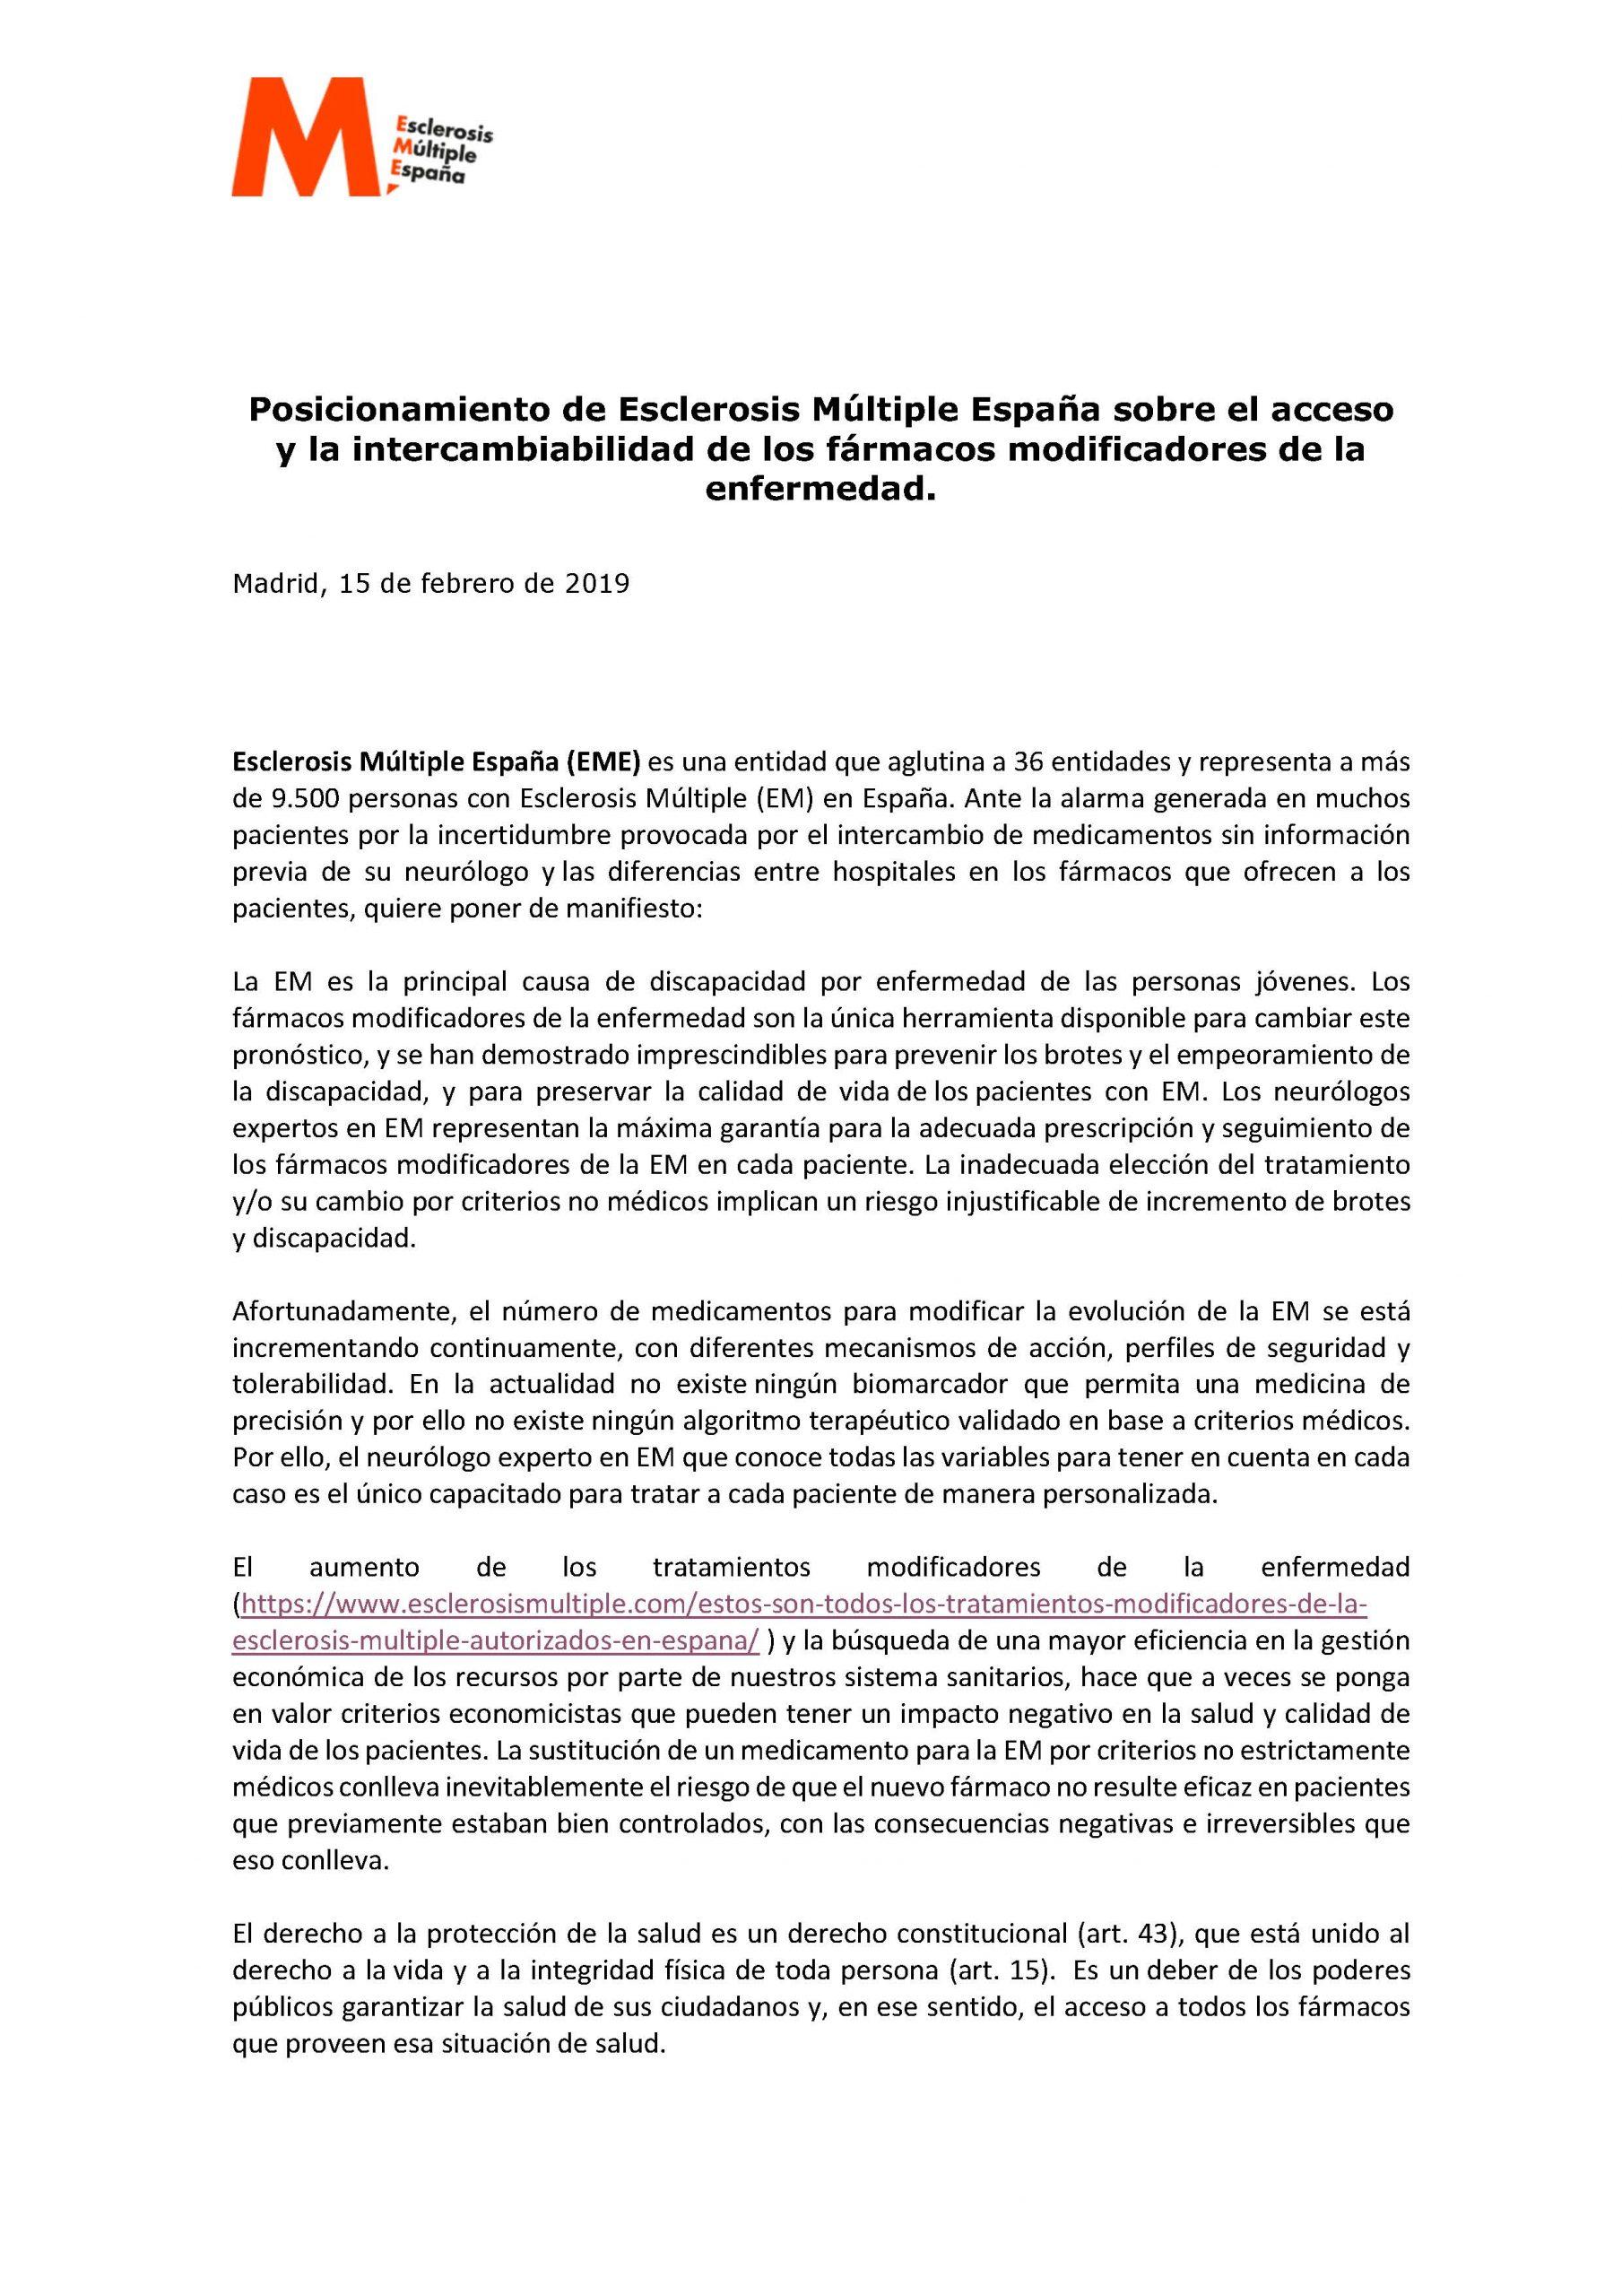 posicionamiento eme intercambiabilidad febrero 2019 d_pagina_1.jpg